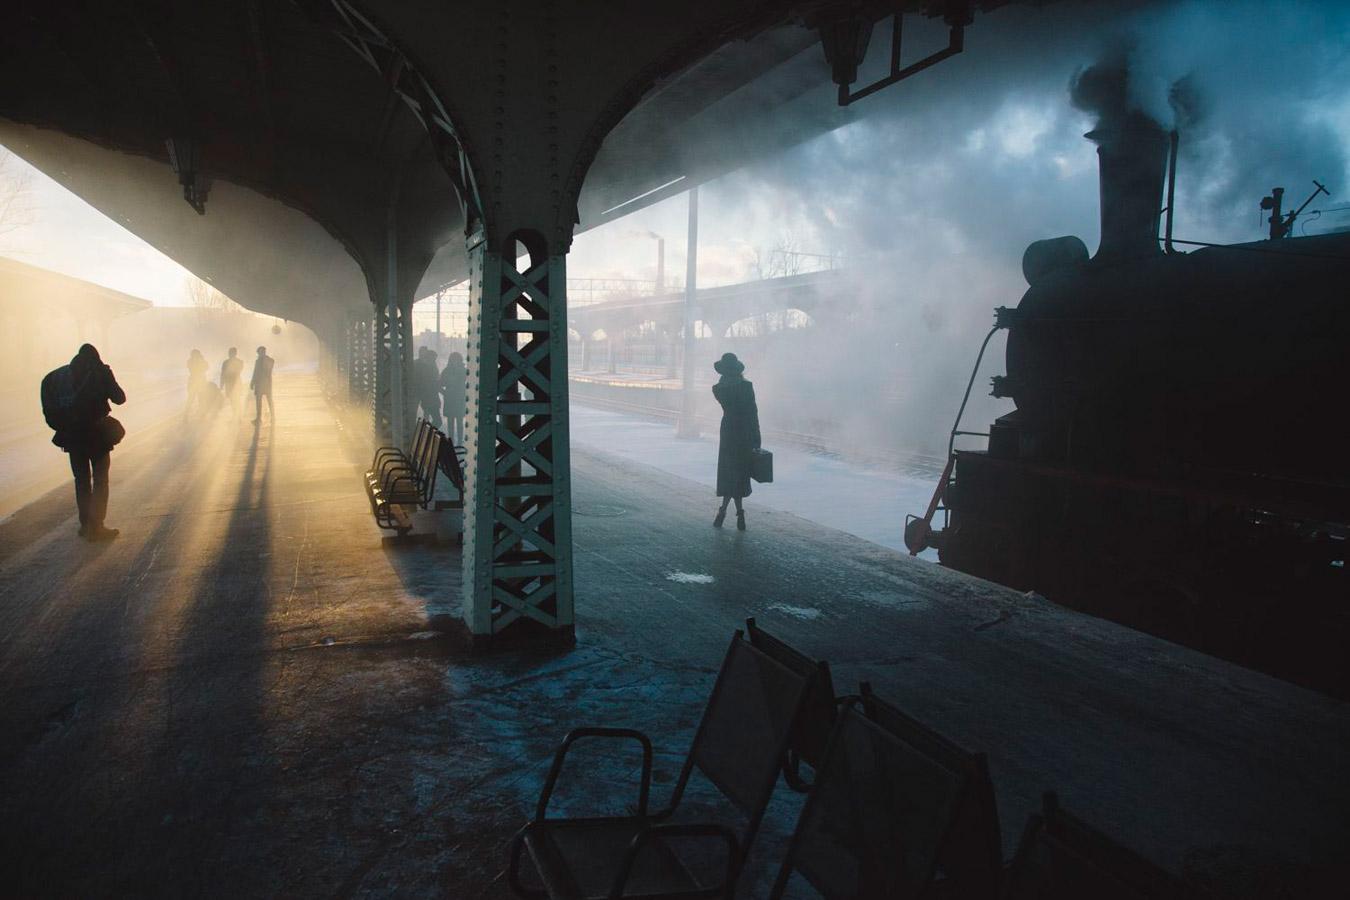 Двое на вокзале, © Николай Щеголев, Фотоконкурс «Погодный фотограф года» — Weather Photographer of the Year